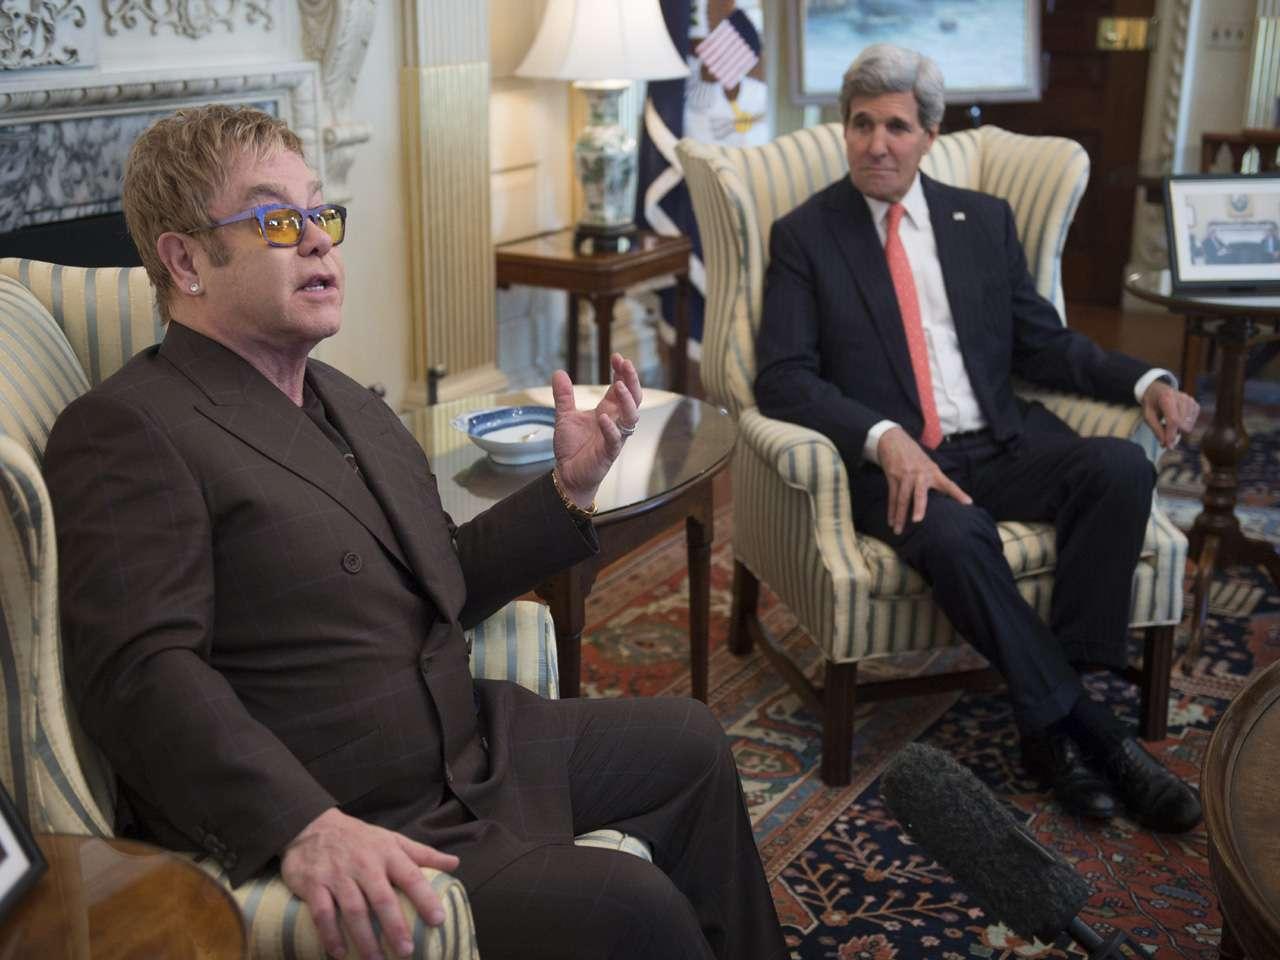 El secretario de Estado estadounidense, John Kerry (d), y el cantante británico Elton John, durante su reunión en el Departamento de Estado en Washington Foto: EFE en español